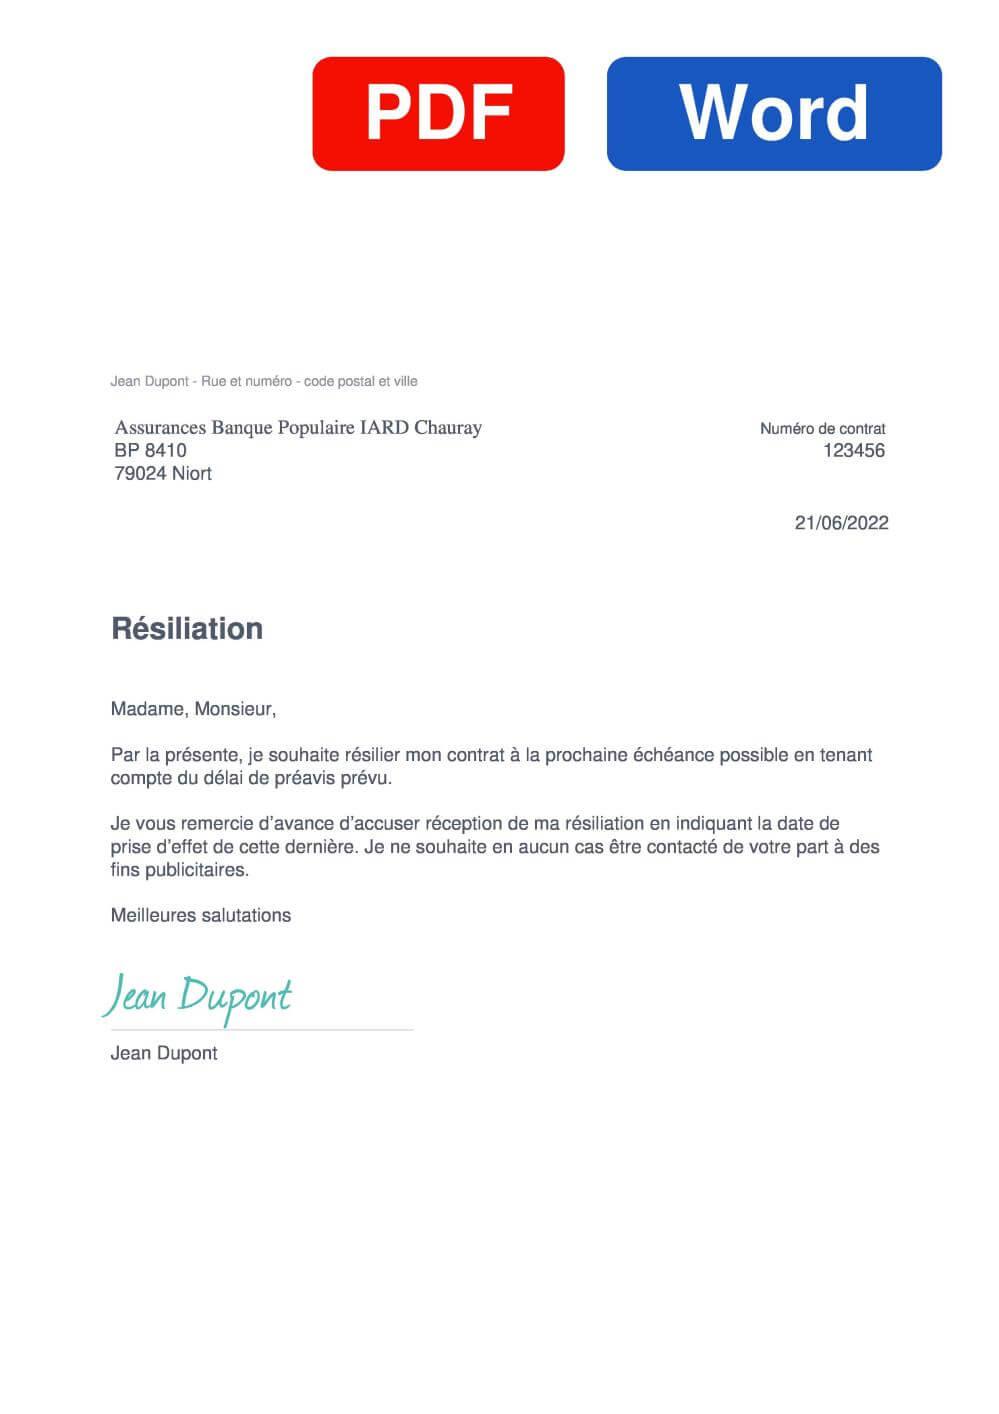 Banque Populaire IARD Habitation Assurance Modèle de lettre de résiliation